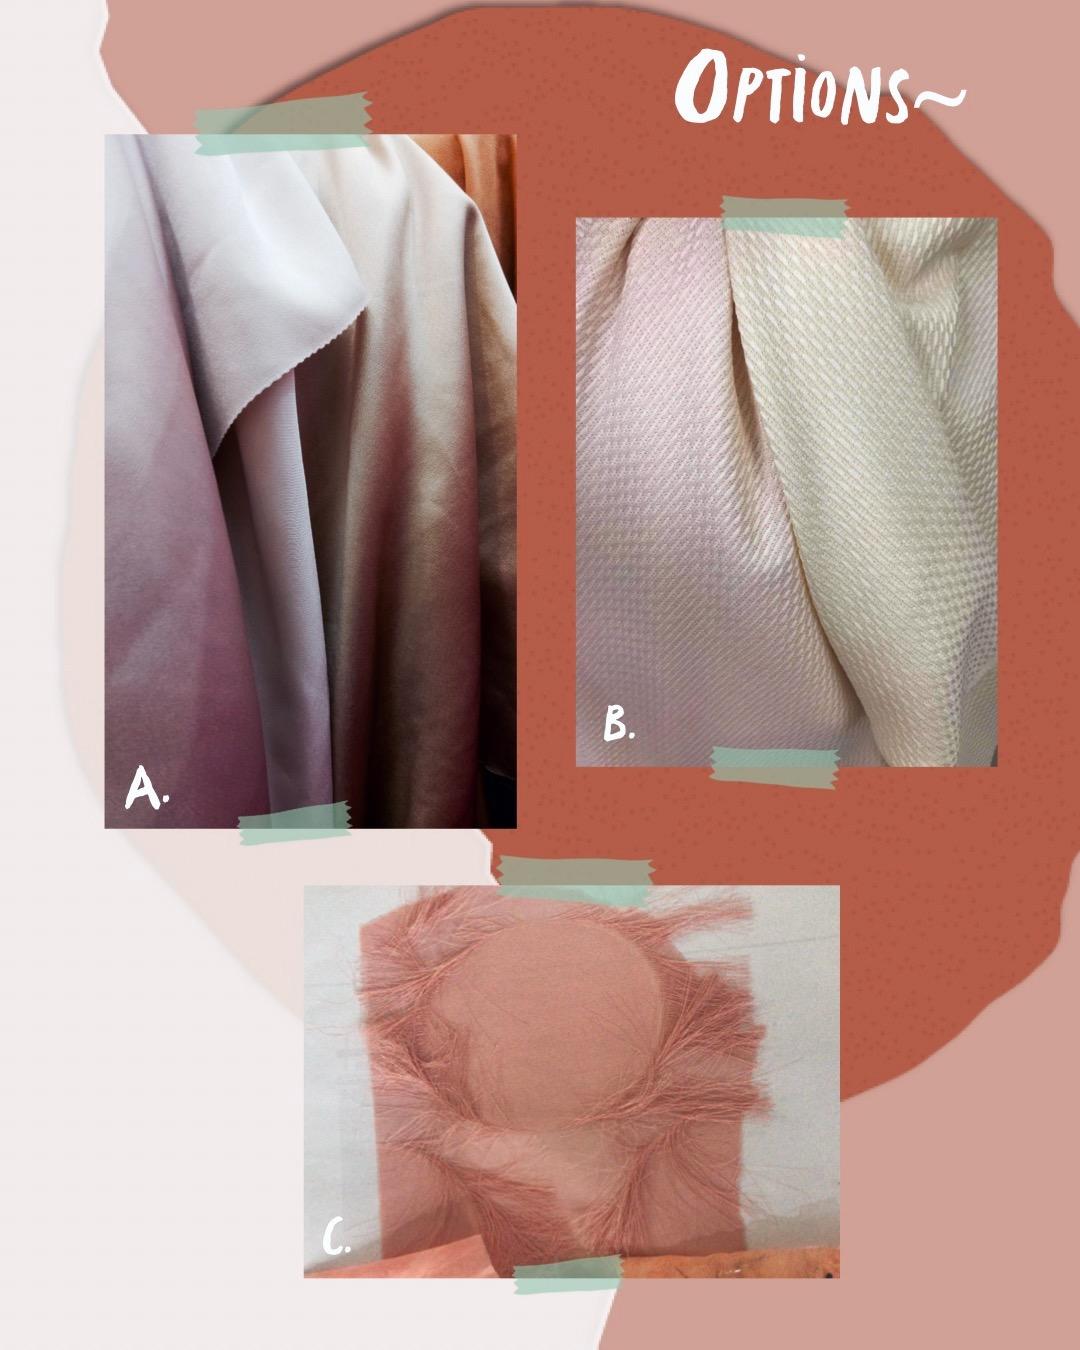 Photo: Bahan-bahan yang harus dipilih untuk tiap unit yang akan diproduksi.